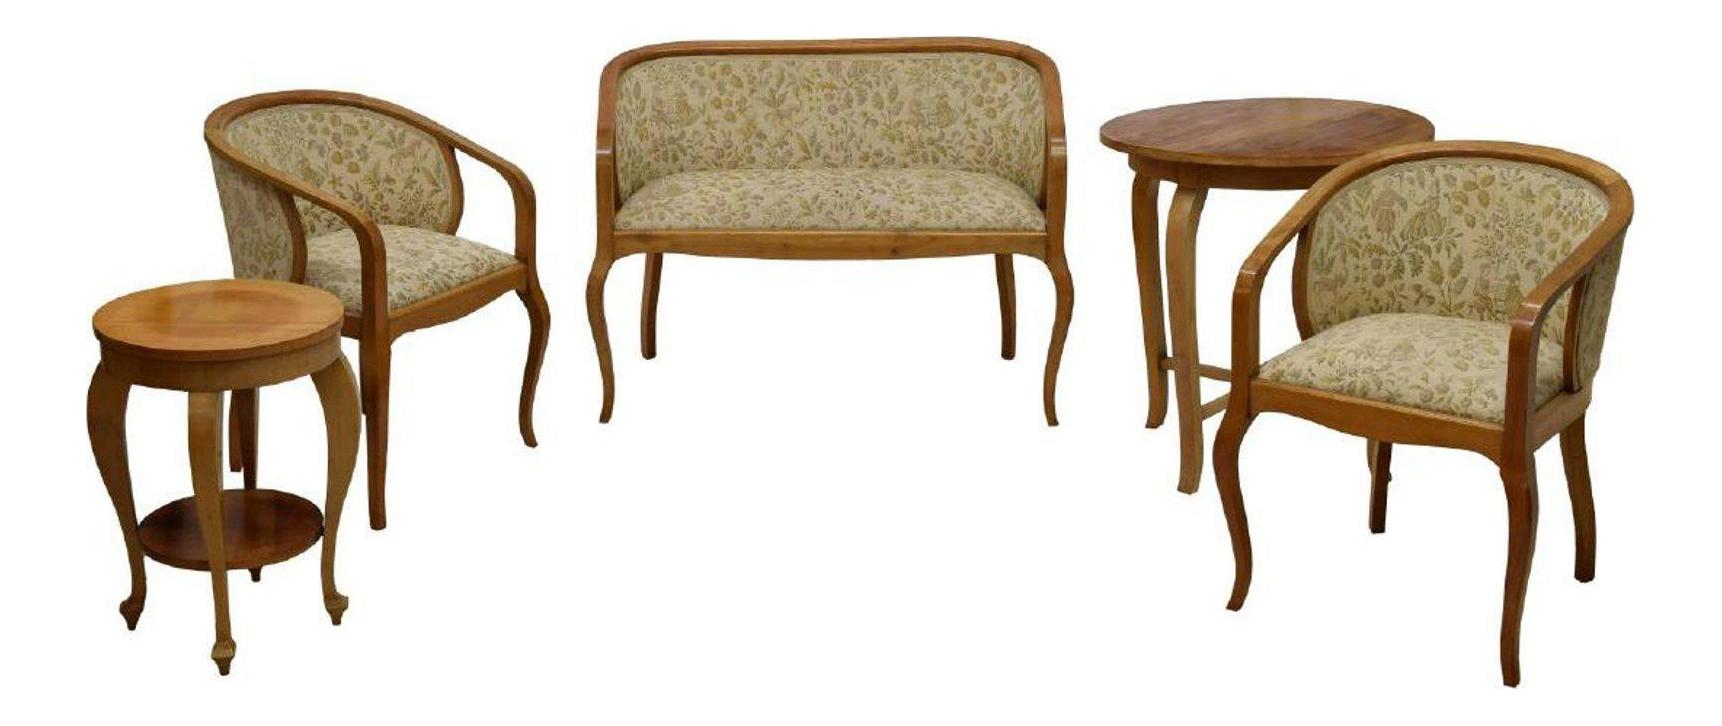 Art Nouveau Parlor Furniture Set Of 5 Chairish